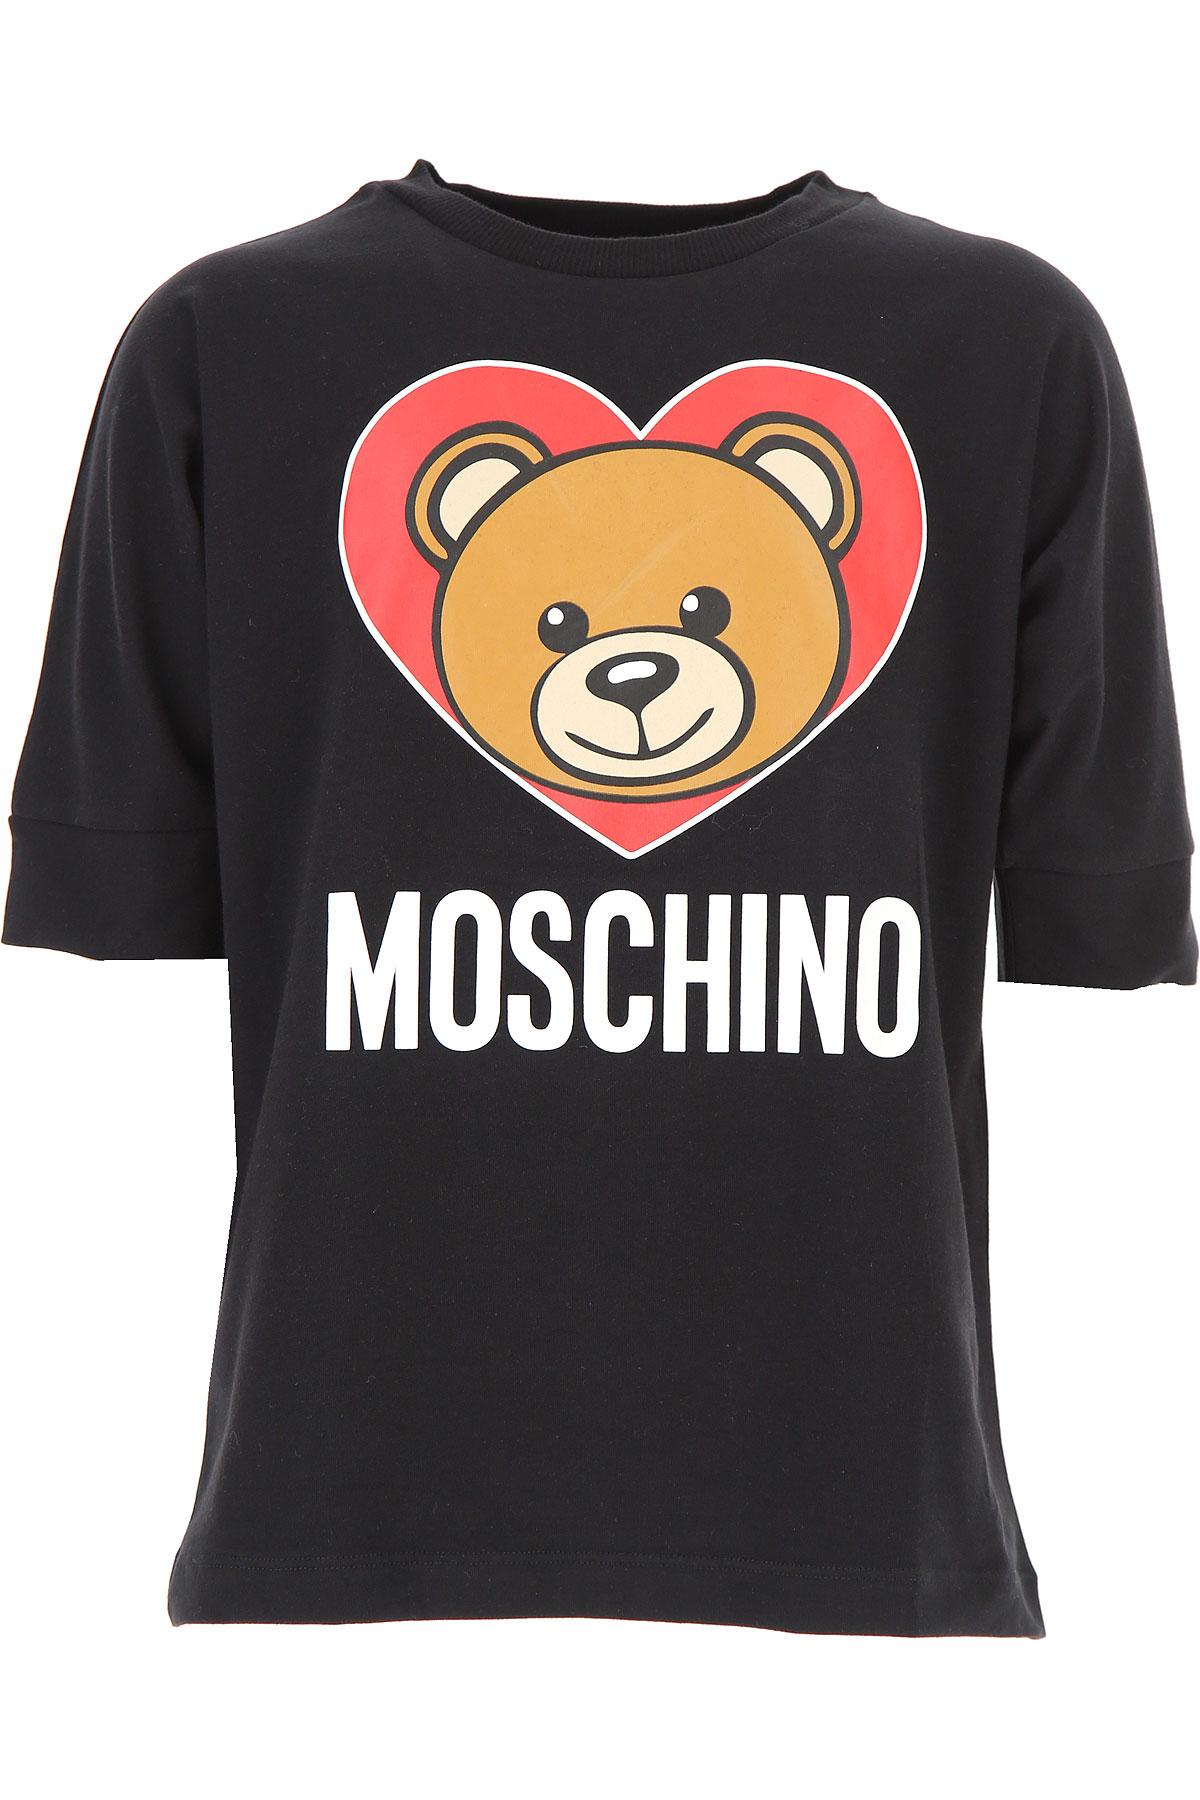 Moschino Kids T-Shirt for Girls, Black, Cotton, 2017, 10Y 14Y 6Y 8Y USA-486177